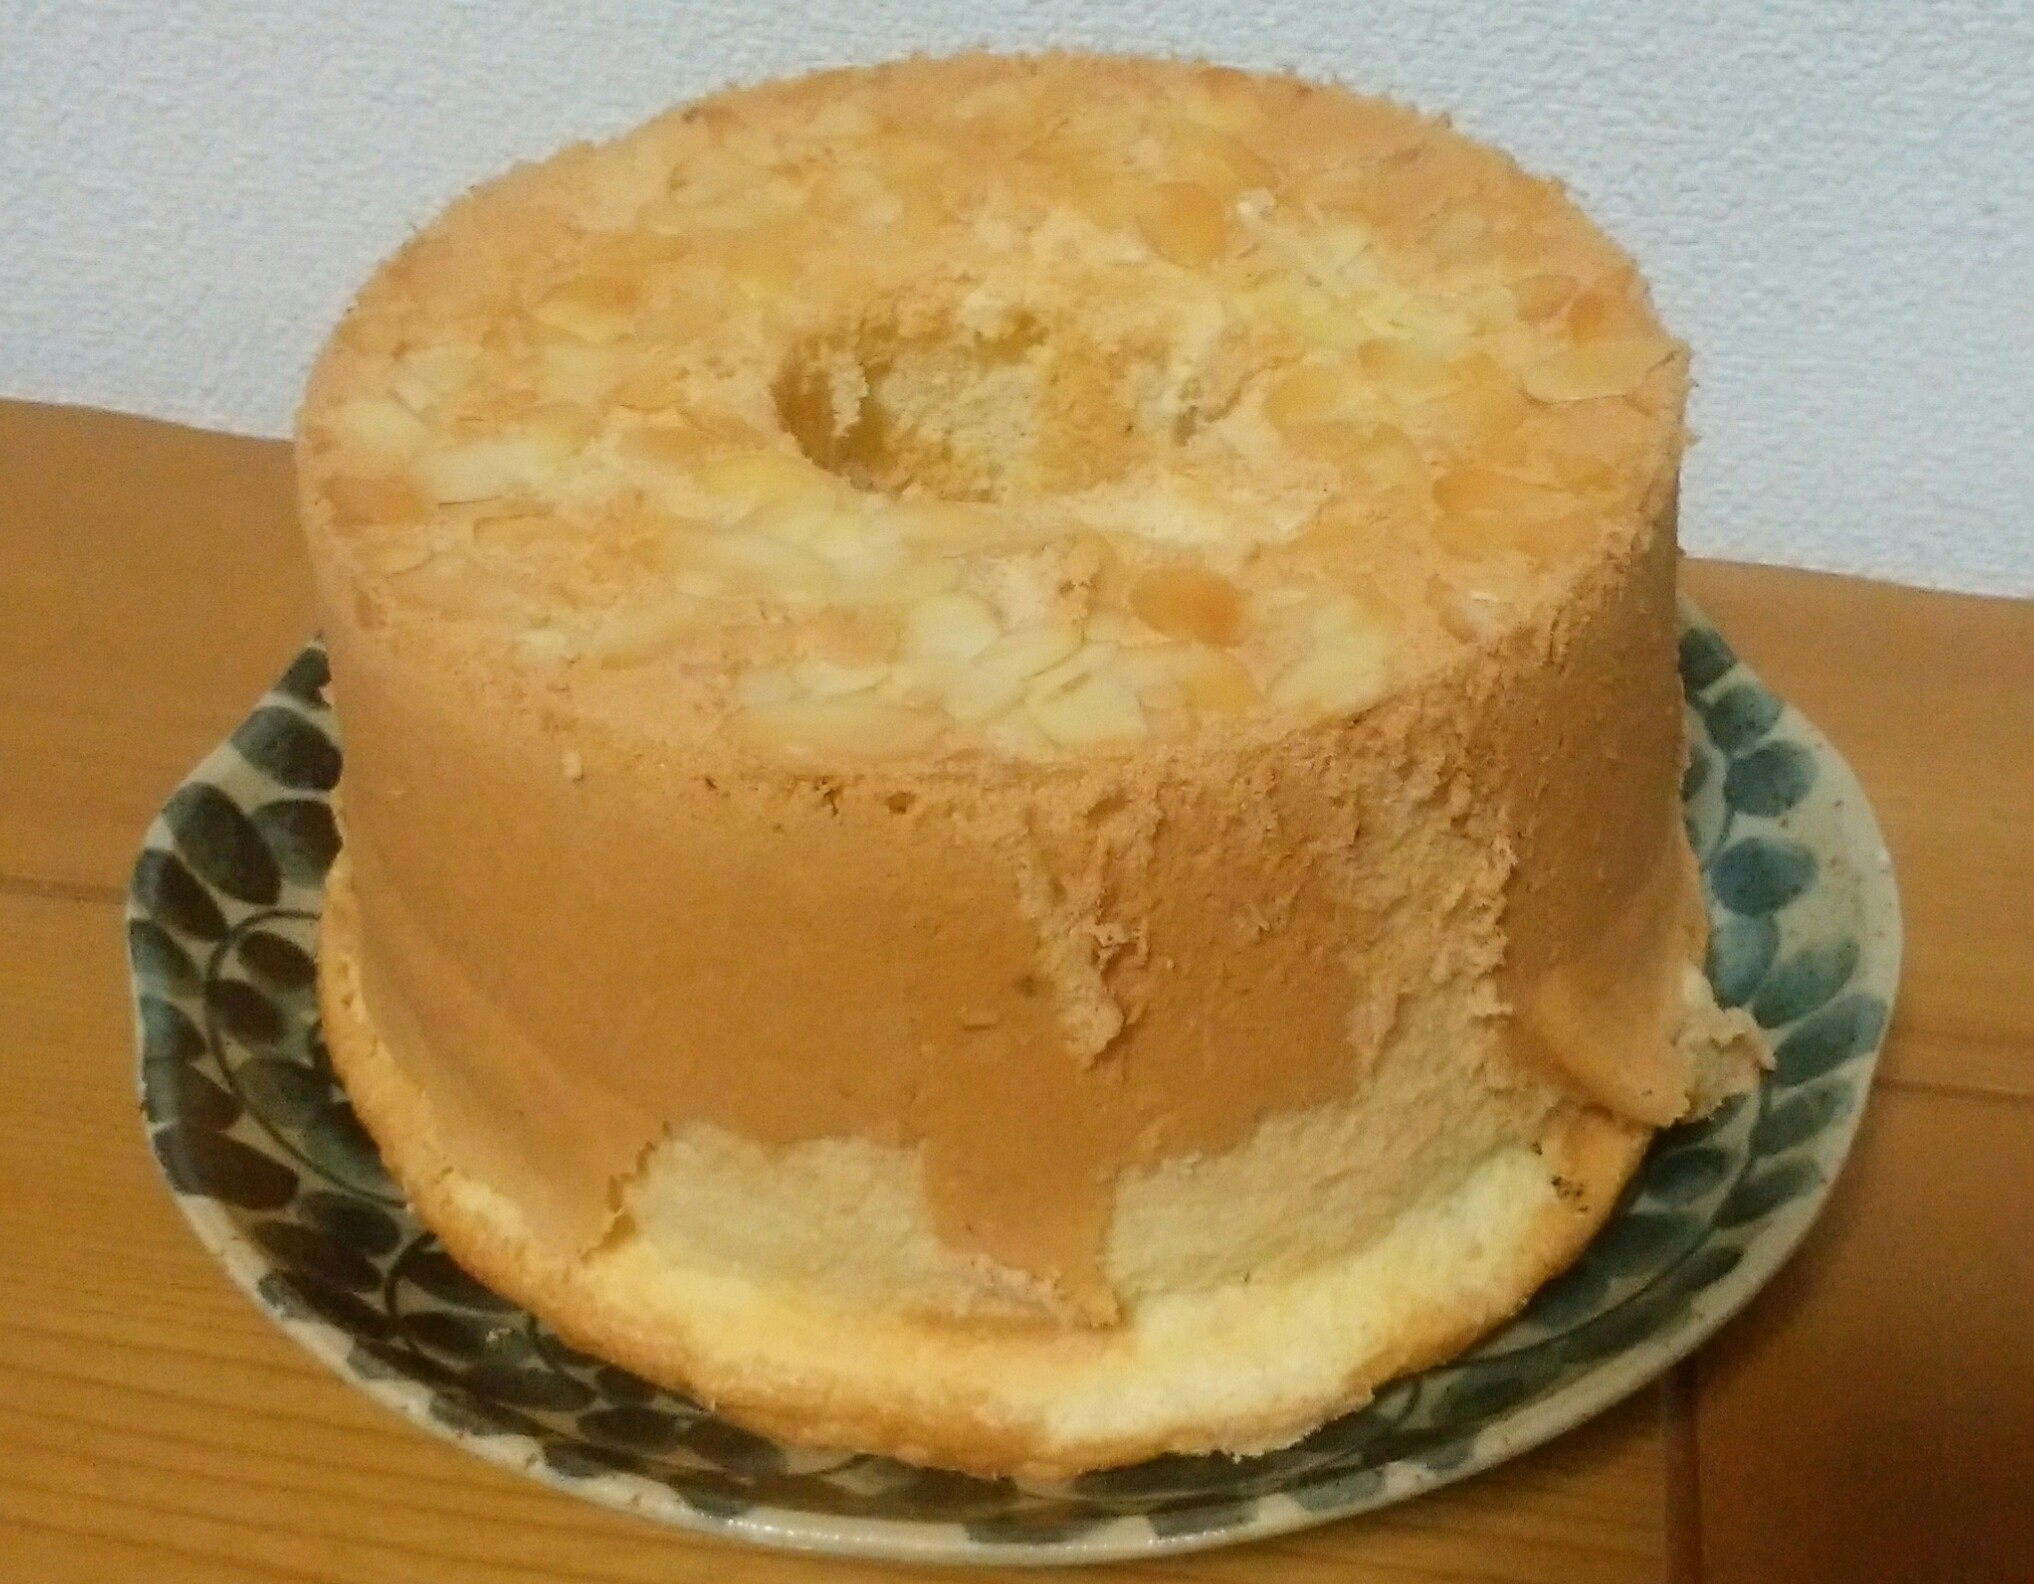 プレーンシフォンケーキ、記念すべき?10回目を作りました